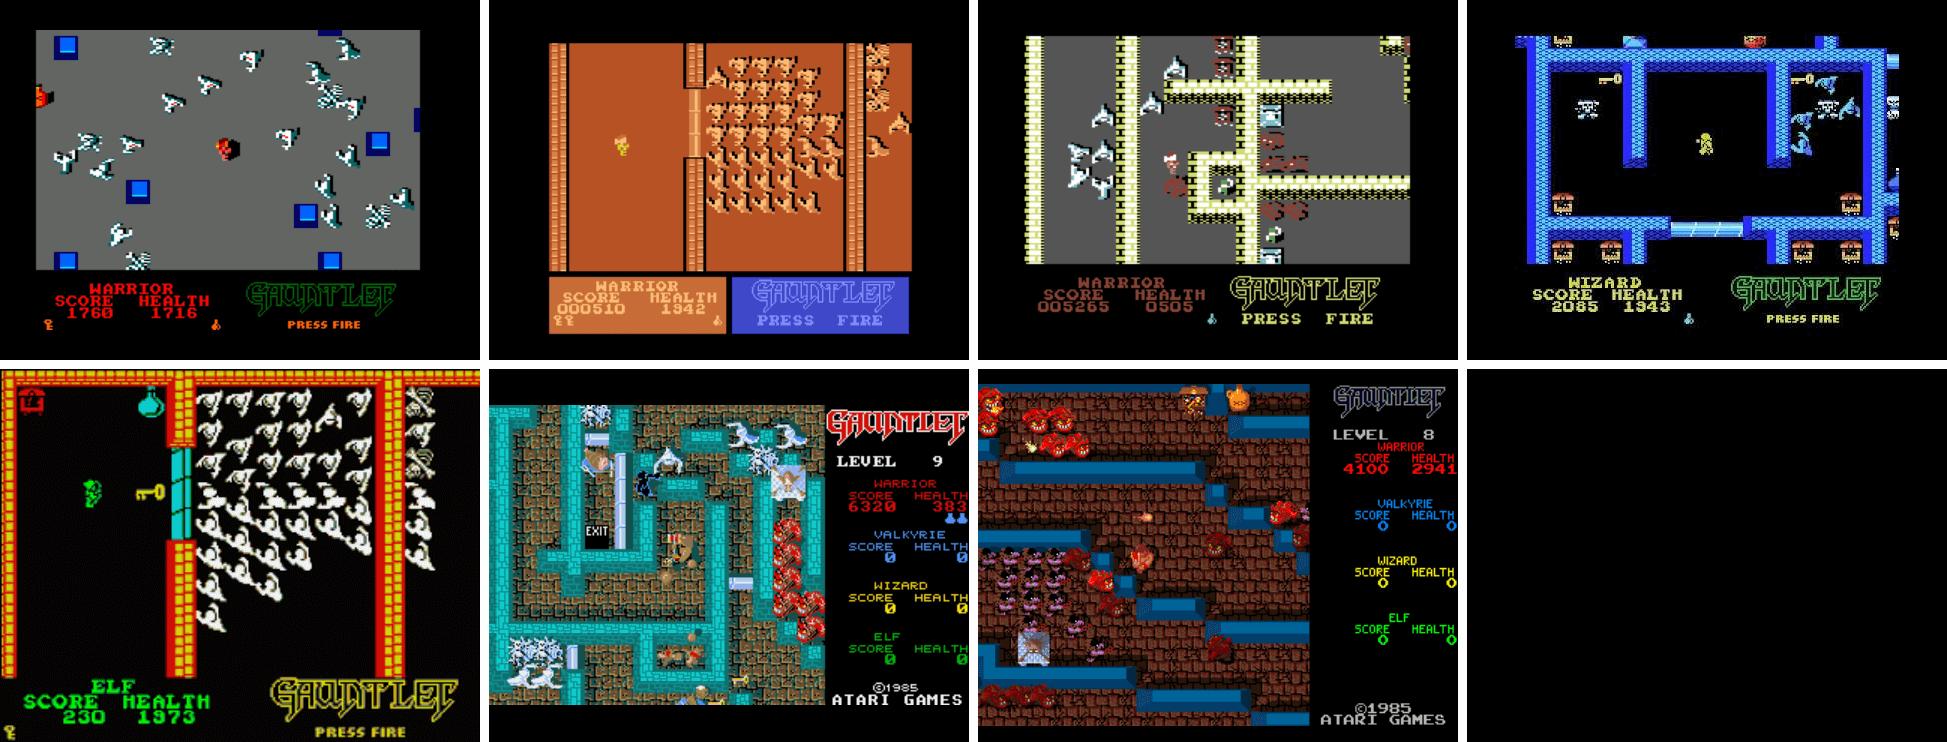 Image For Post | Amstrad - Atari 8-bit - C64 - MSX Spectrum - Atari ST - Arcade